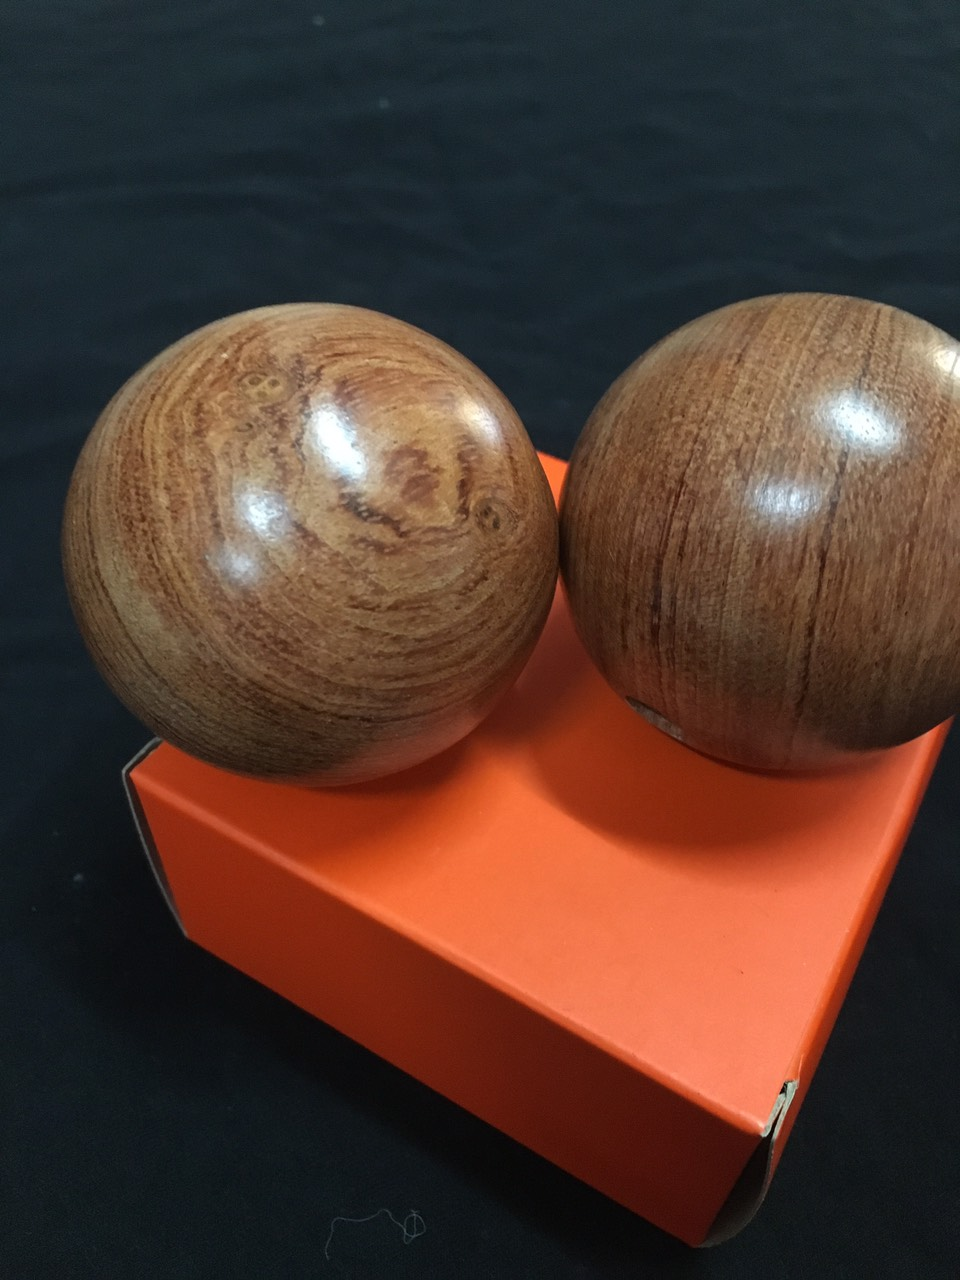 Bi lăn tay bằng gỗ Hương - Sản phẩm cho sức khoẻ  - 5 cm ( hình thật )